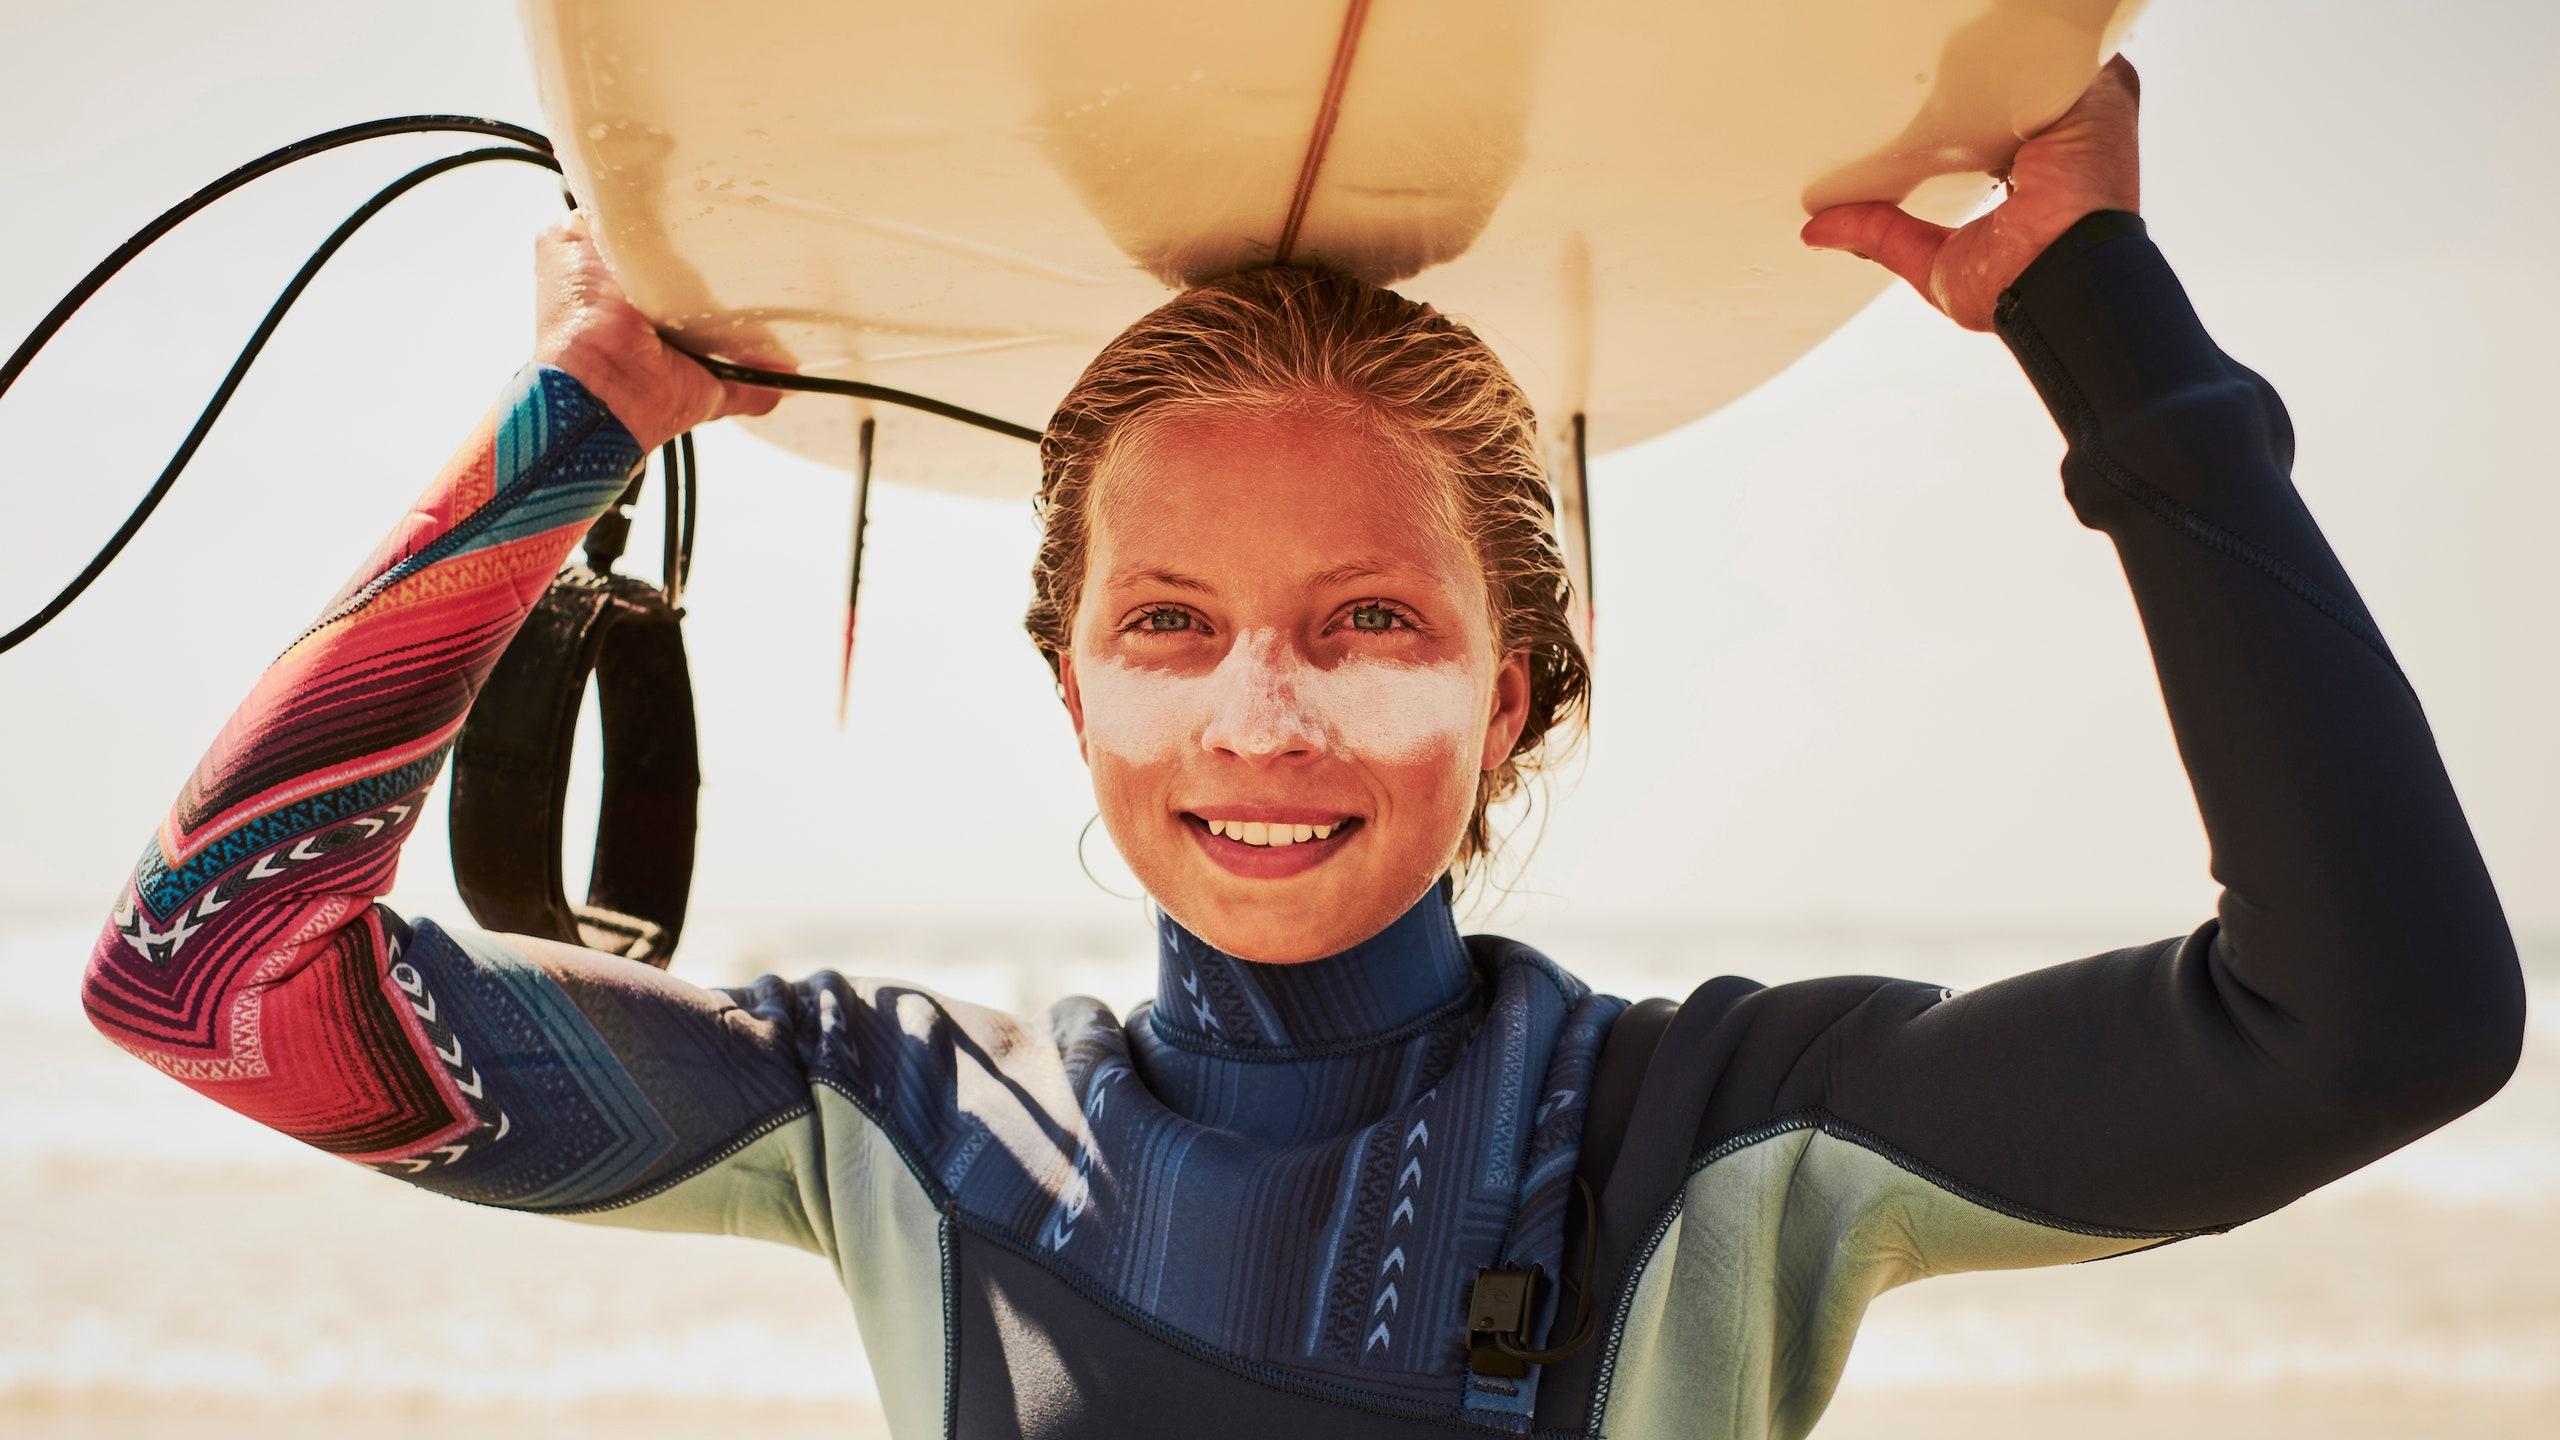 10 lời khuyên đã được chứng mình - chuyên gia da liễu khuyên áp dụng hè này